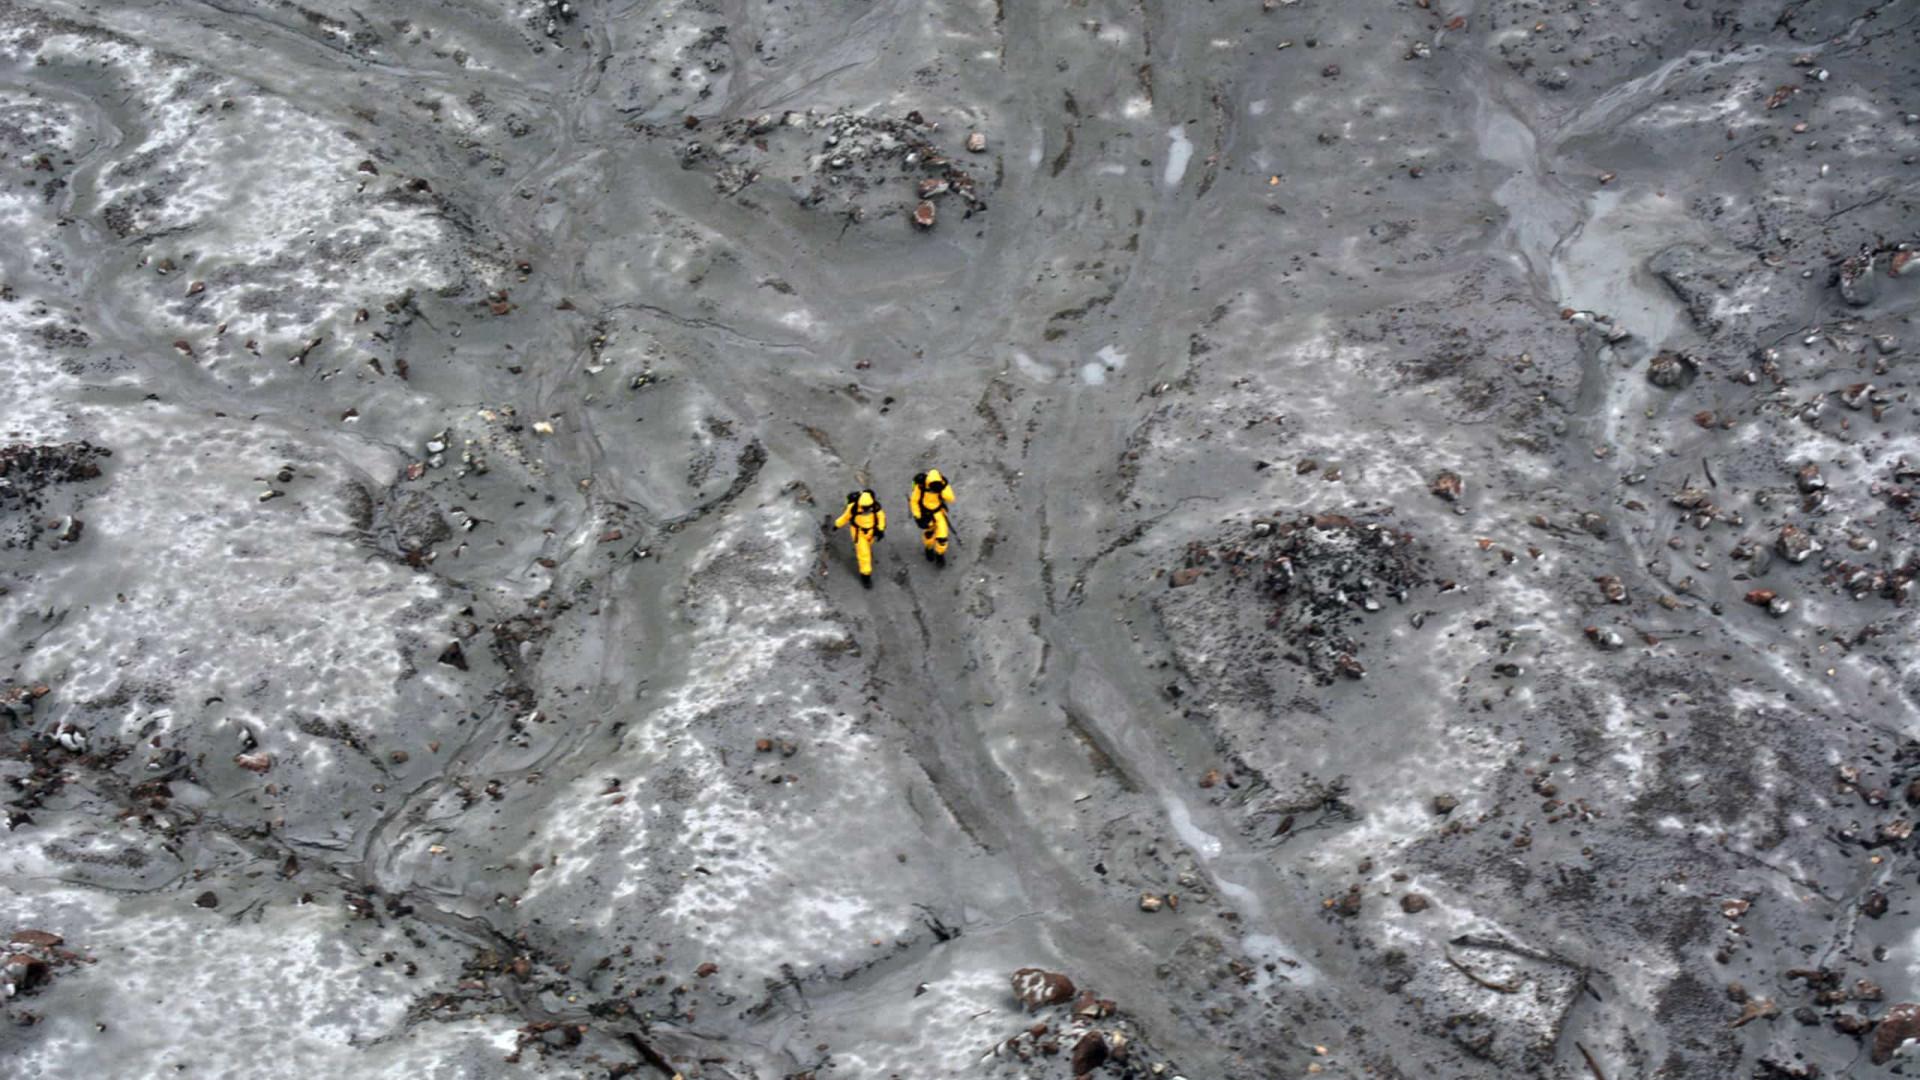 Nova Zelândia. 75 minutos de buscas sem sucesso em águas contaminadas